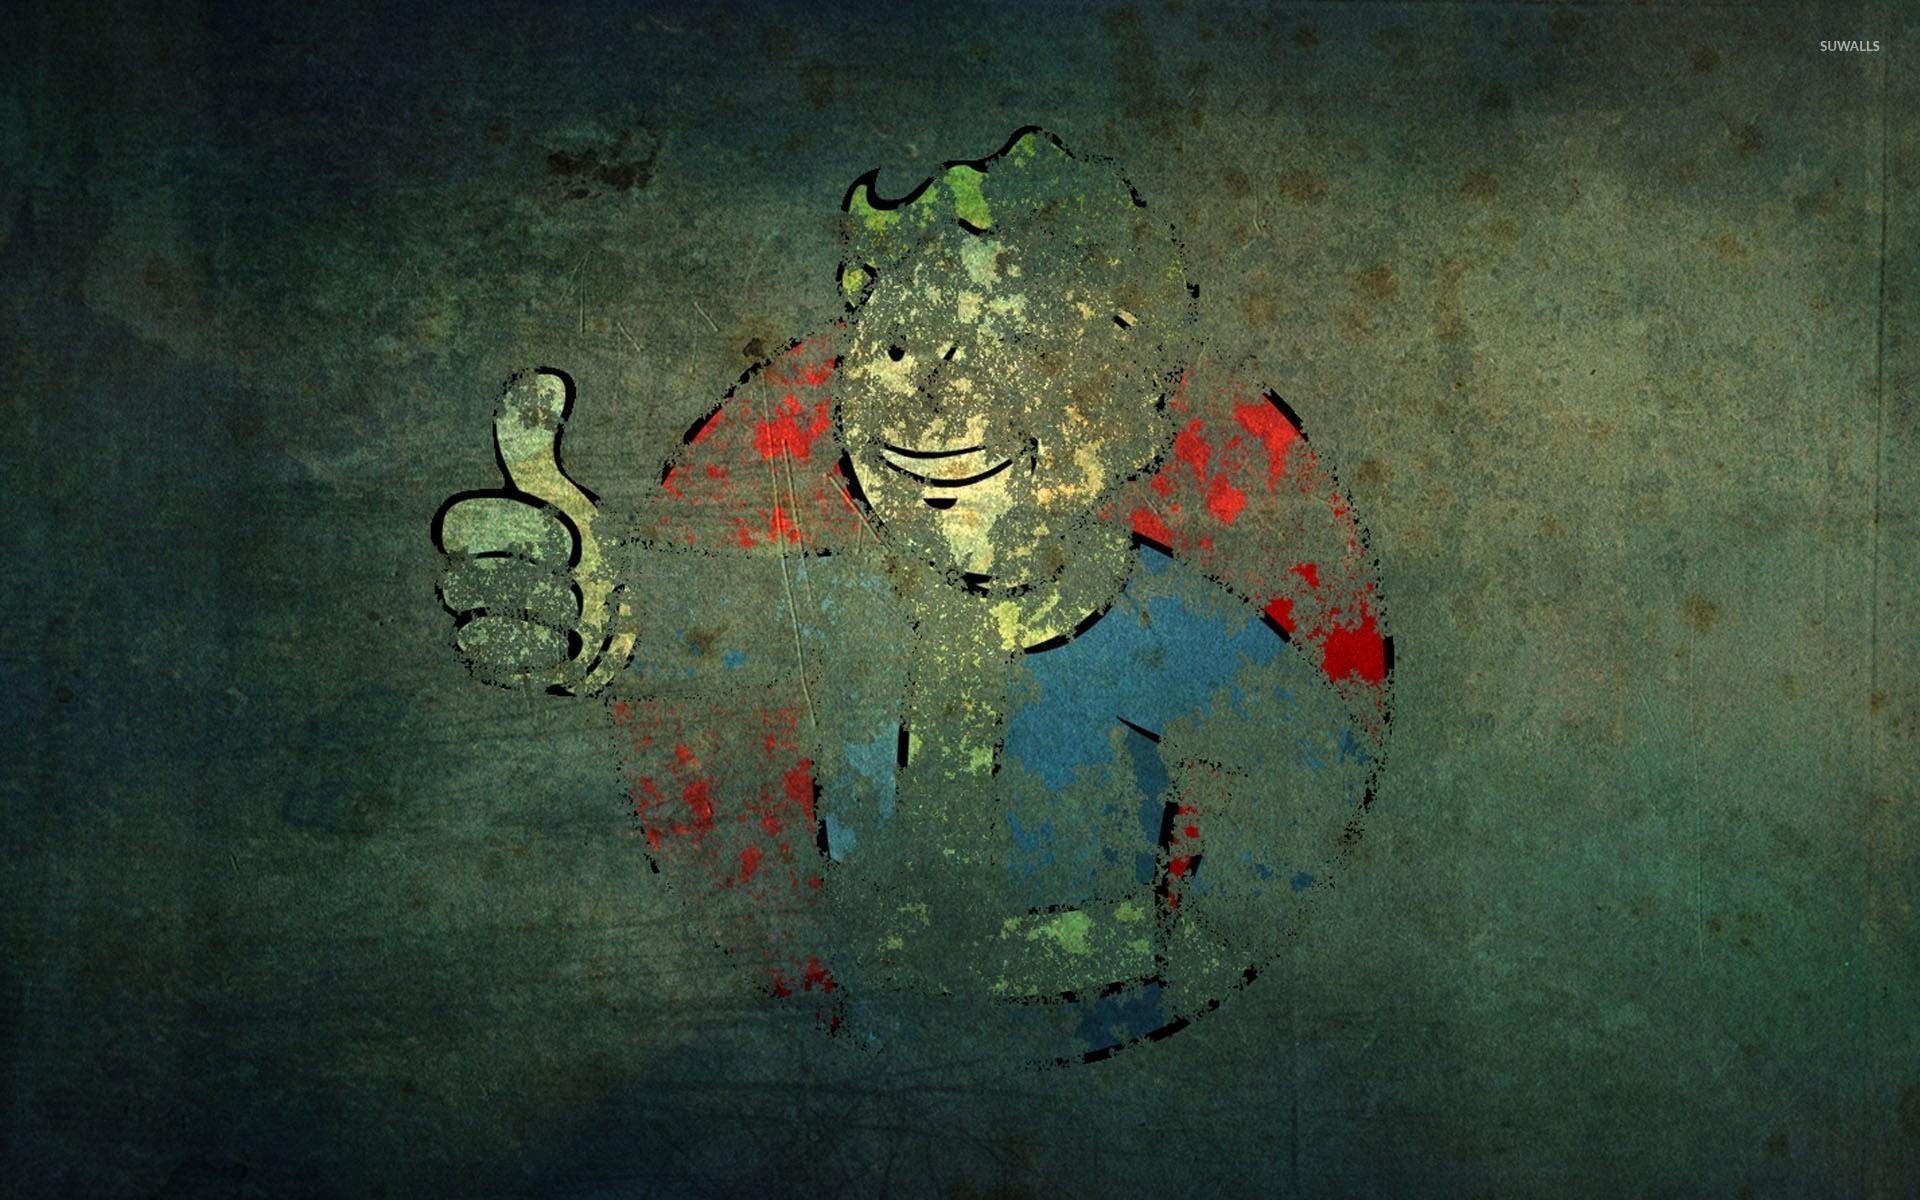 Vault Boy graffiti on an old wall – Fallout wallpaper